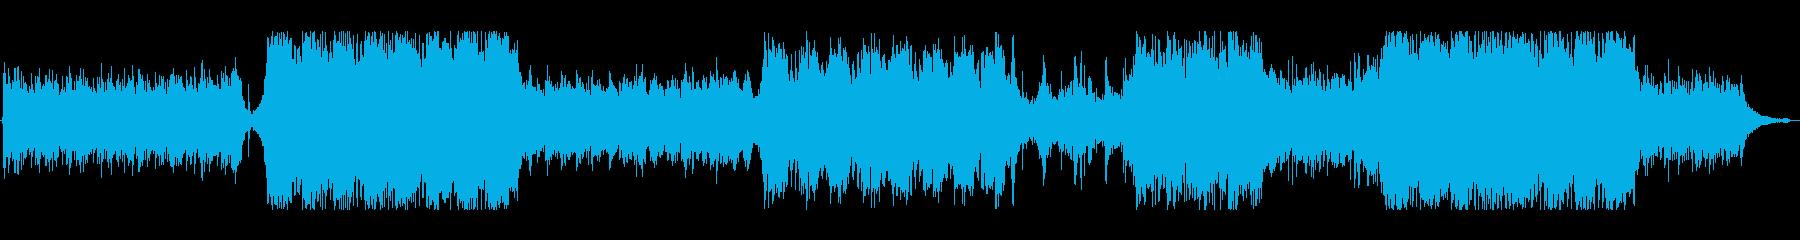 疾走感あるドラマチックポップロックの再生済みの波形